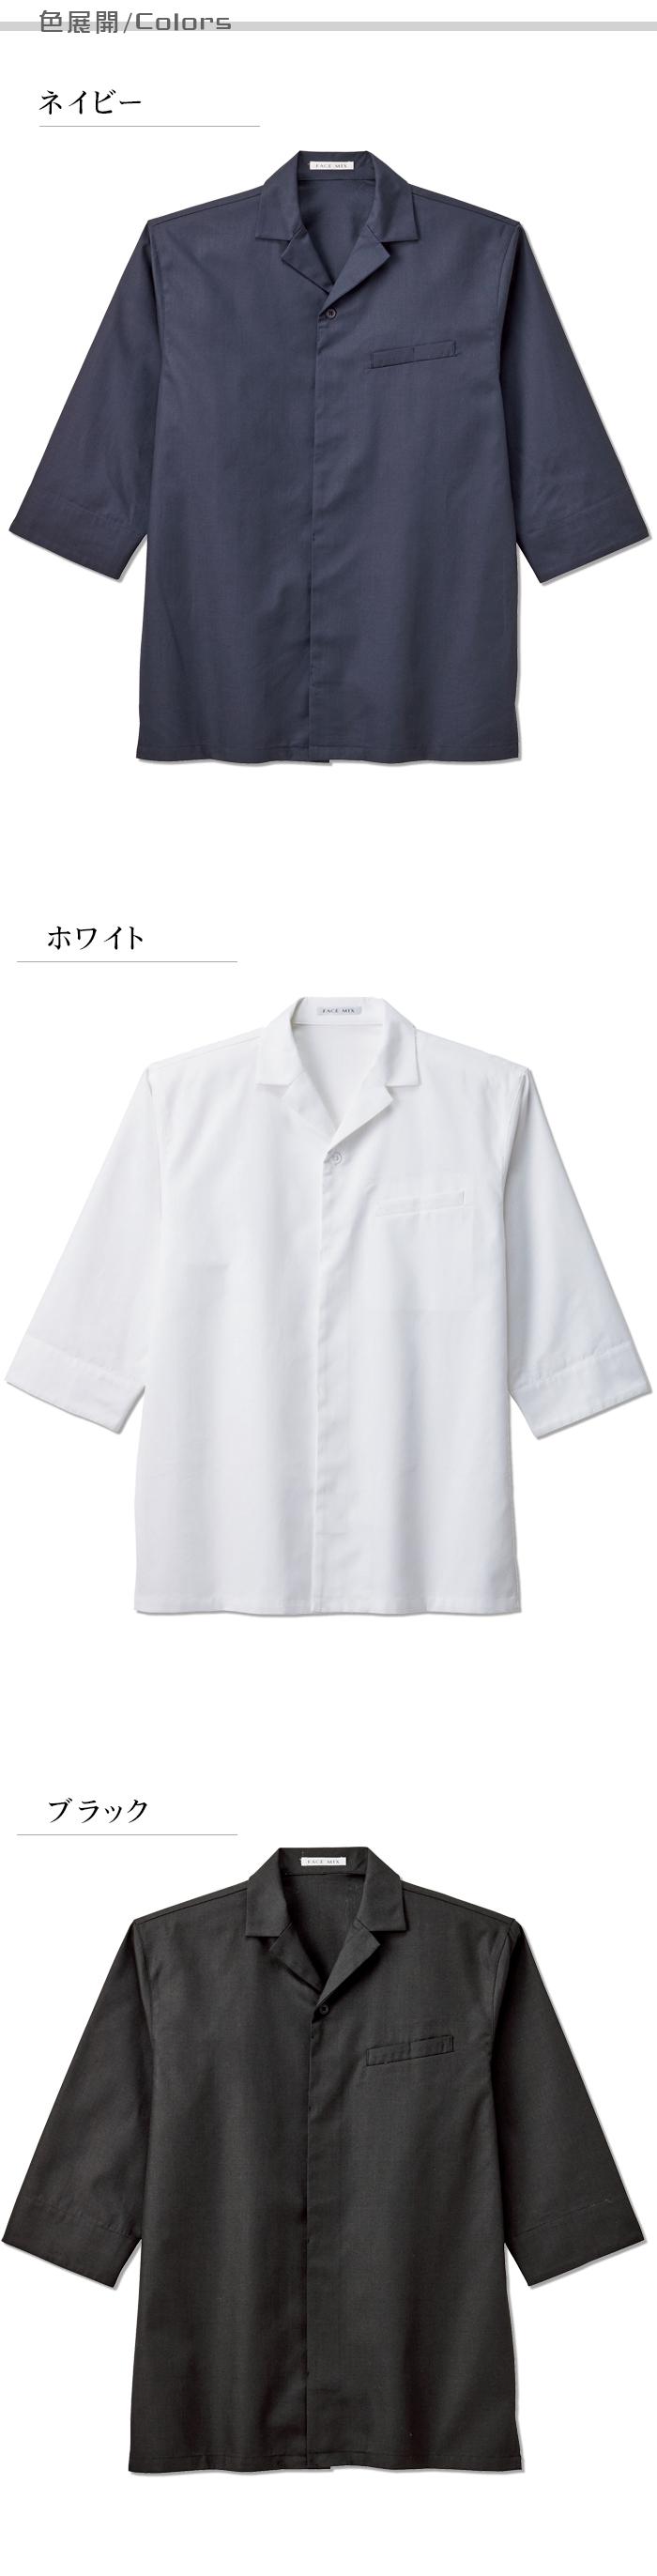 飲食店業務用 和洋折衷開襟和シャツ(男女兼用)人気の3色 色展開説明